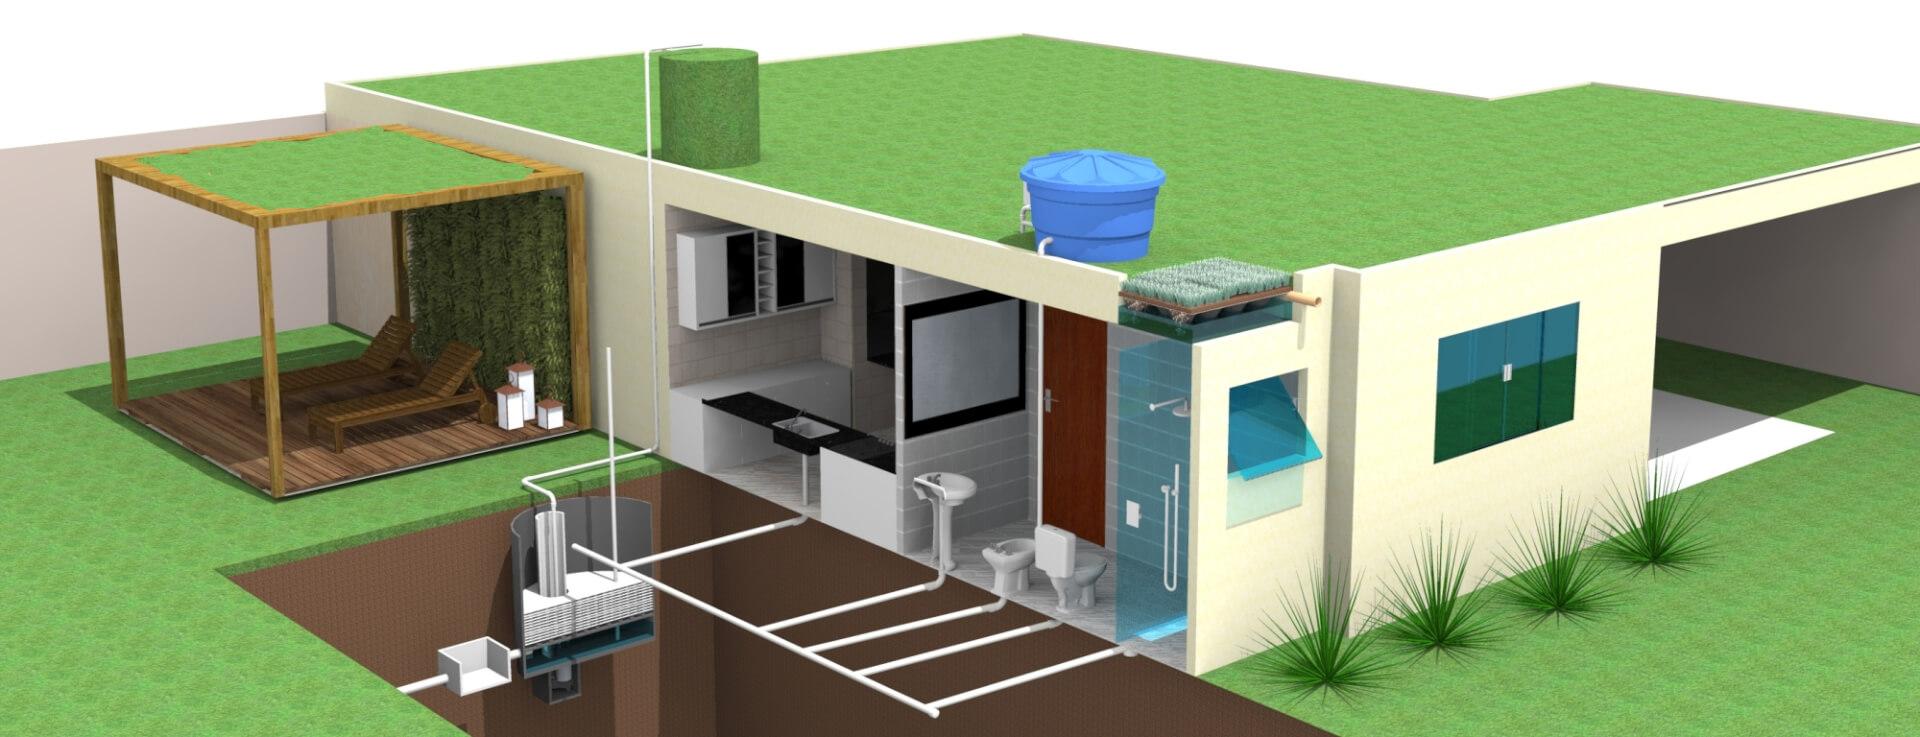 Arquitetura Sustentável atendemos todo Brasil Ligue ou envie email  #416C2C 2000 768